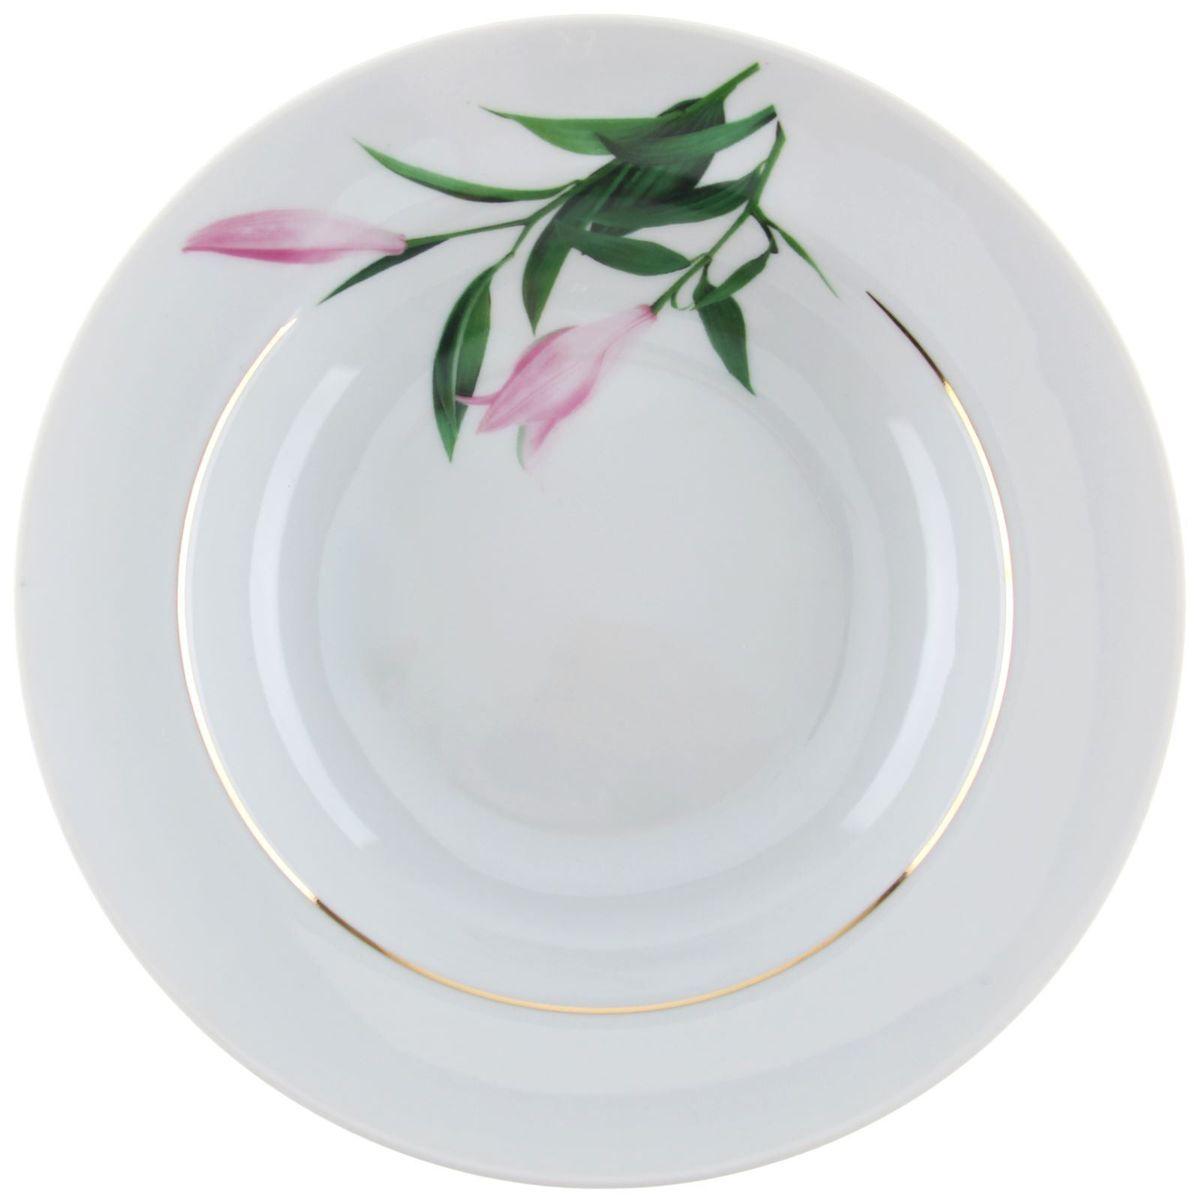 Тарелка глубокая Идиллия. Бутон, диаметр 24 см1303785Глубокая тарелка Идиллия. Бутон выполнена из высококачественного фарфора и оформлена цветочным рисунком. Изделие сочетает в себе изысканный дизайн с максимальной функциональностью. Тарелка прекрасно впишется в интерьер вашей кухни и станет достойным дополнением к кухонному инвентарю. Тарелка Идиллия. Бутон подчеркнет прекрасный вкус хозяйки и станет отличным подарком. Диаметр: 24 см.